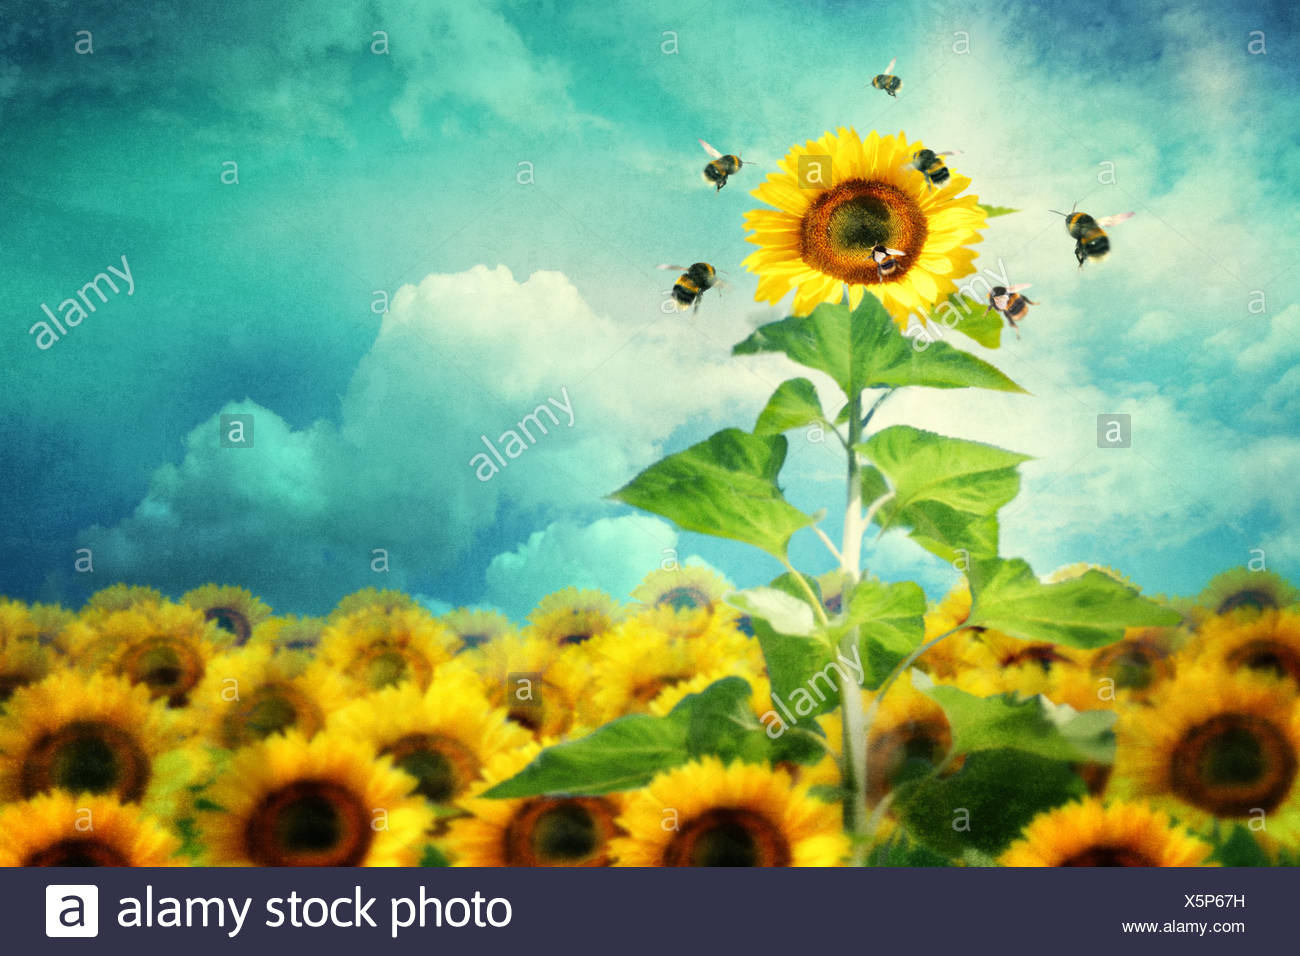 Concetto di immagine di un girasole alto standing e attirare un numero maggiore di api Immagini Stock